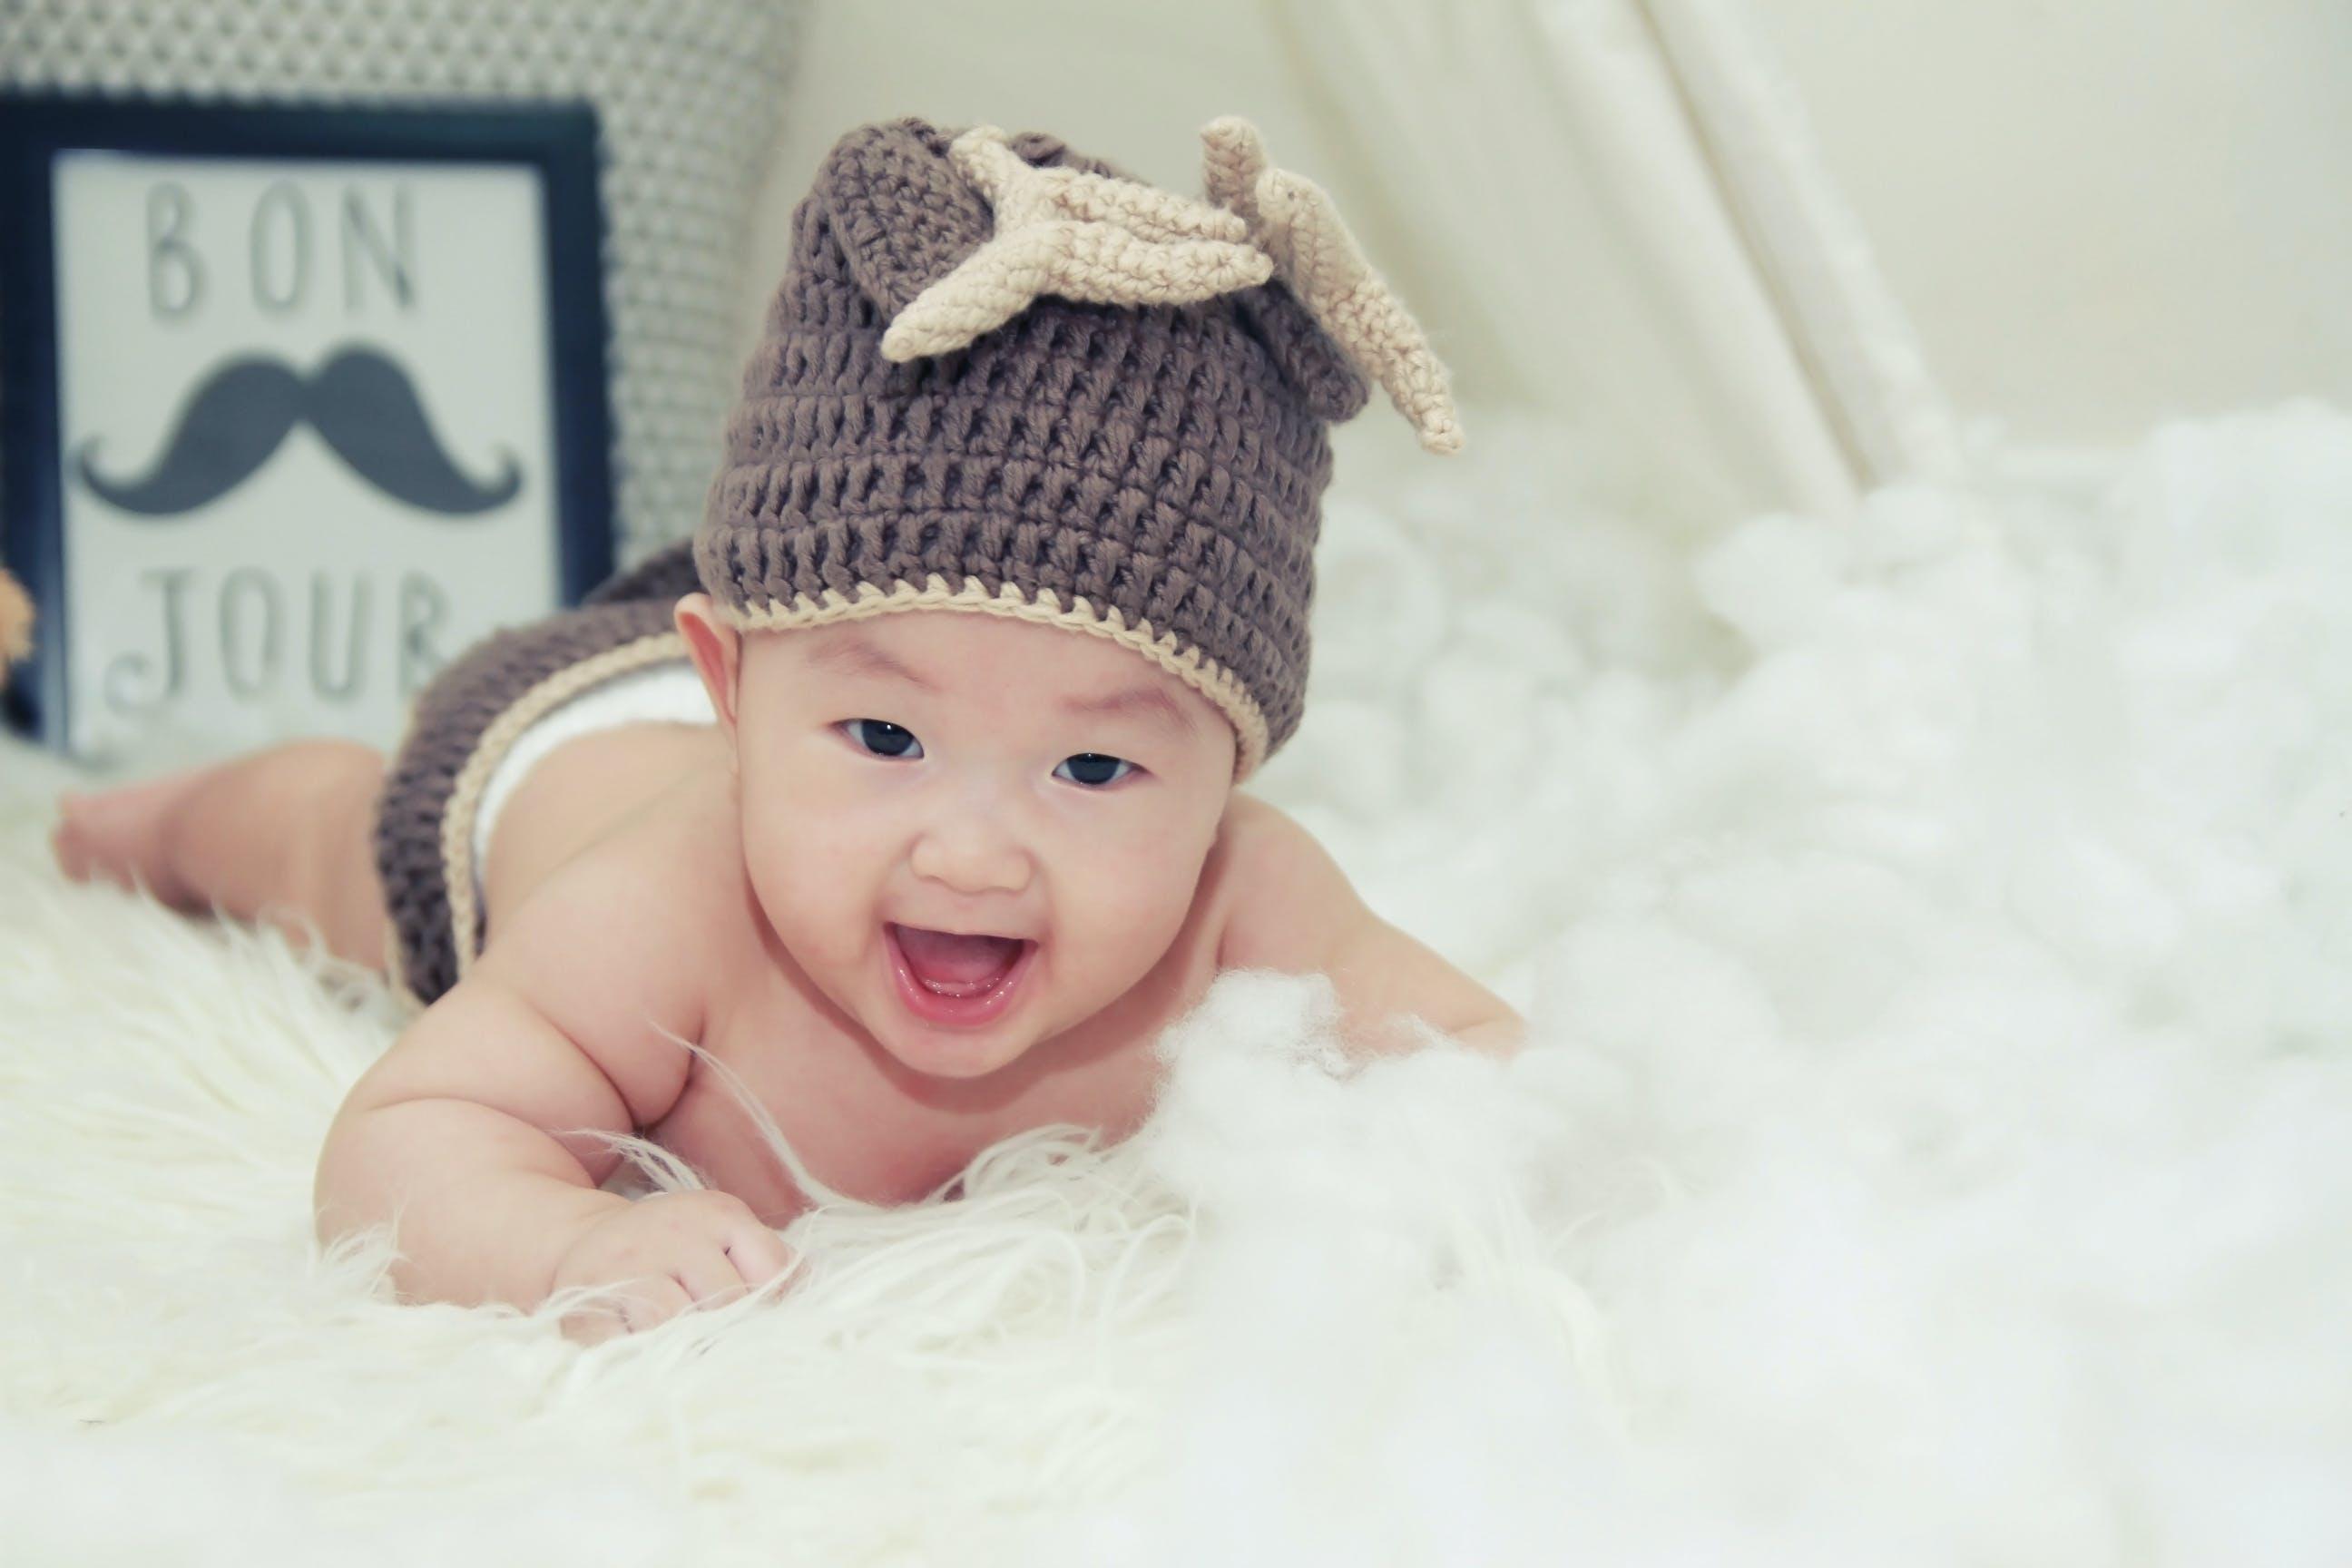 Kostnadsfri bild av barn, barndom, bebis, dyrbar